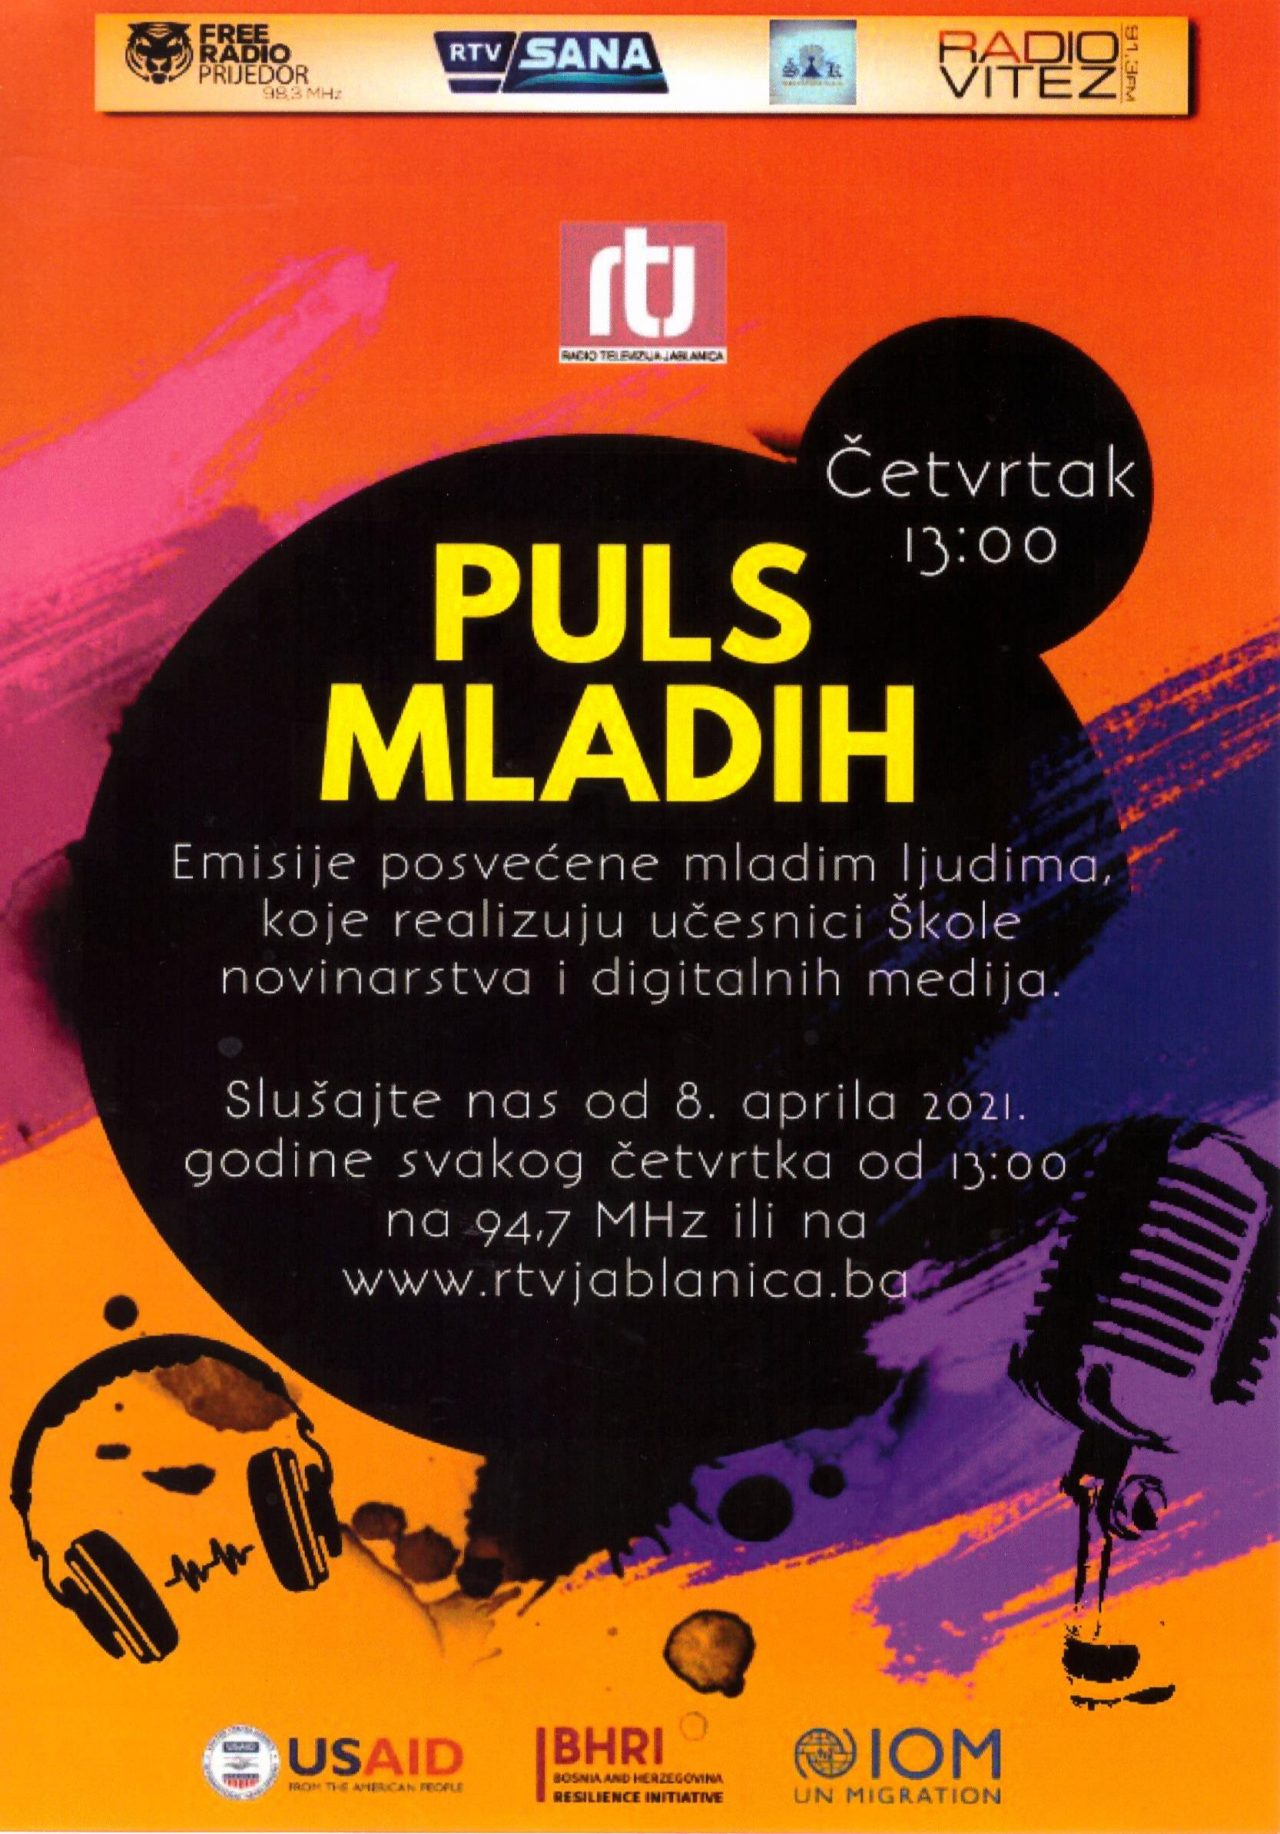 PULS-MLADIH-PLAKAT-001-1280x1834.jpg